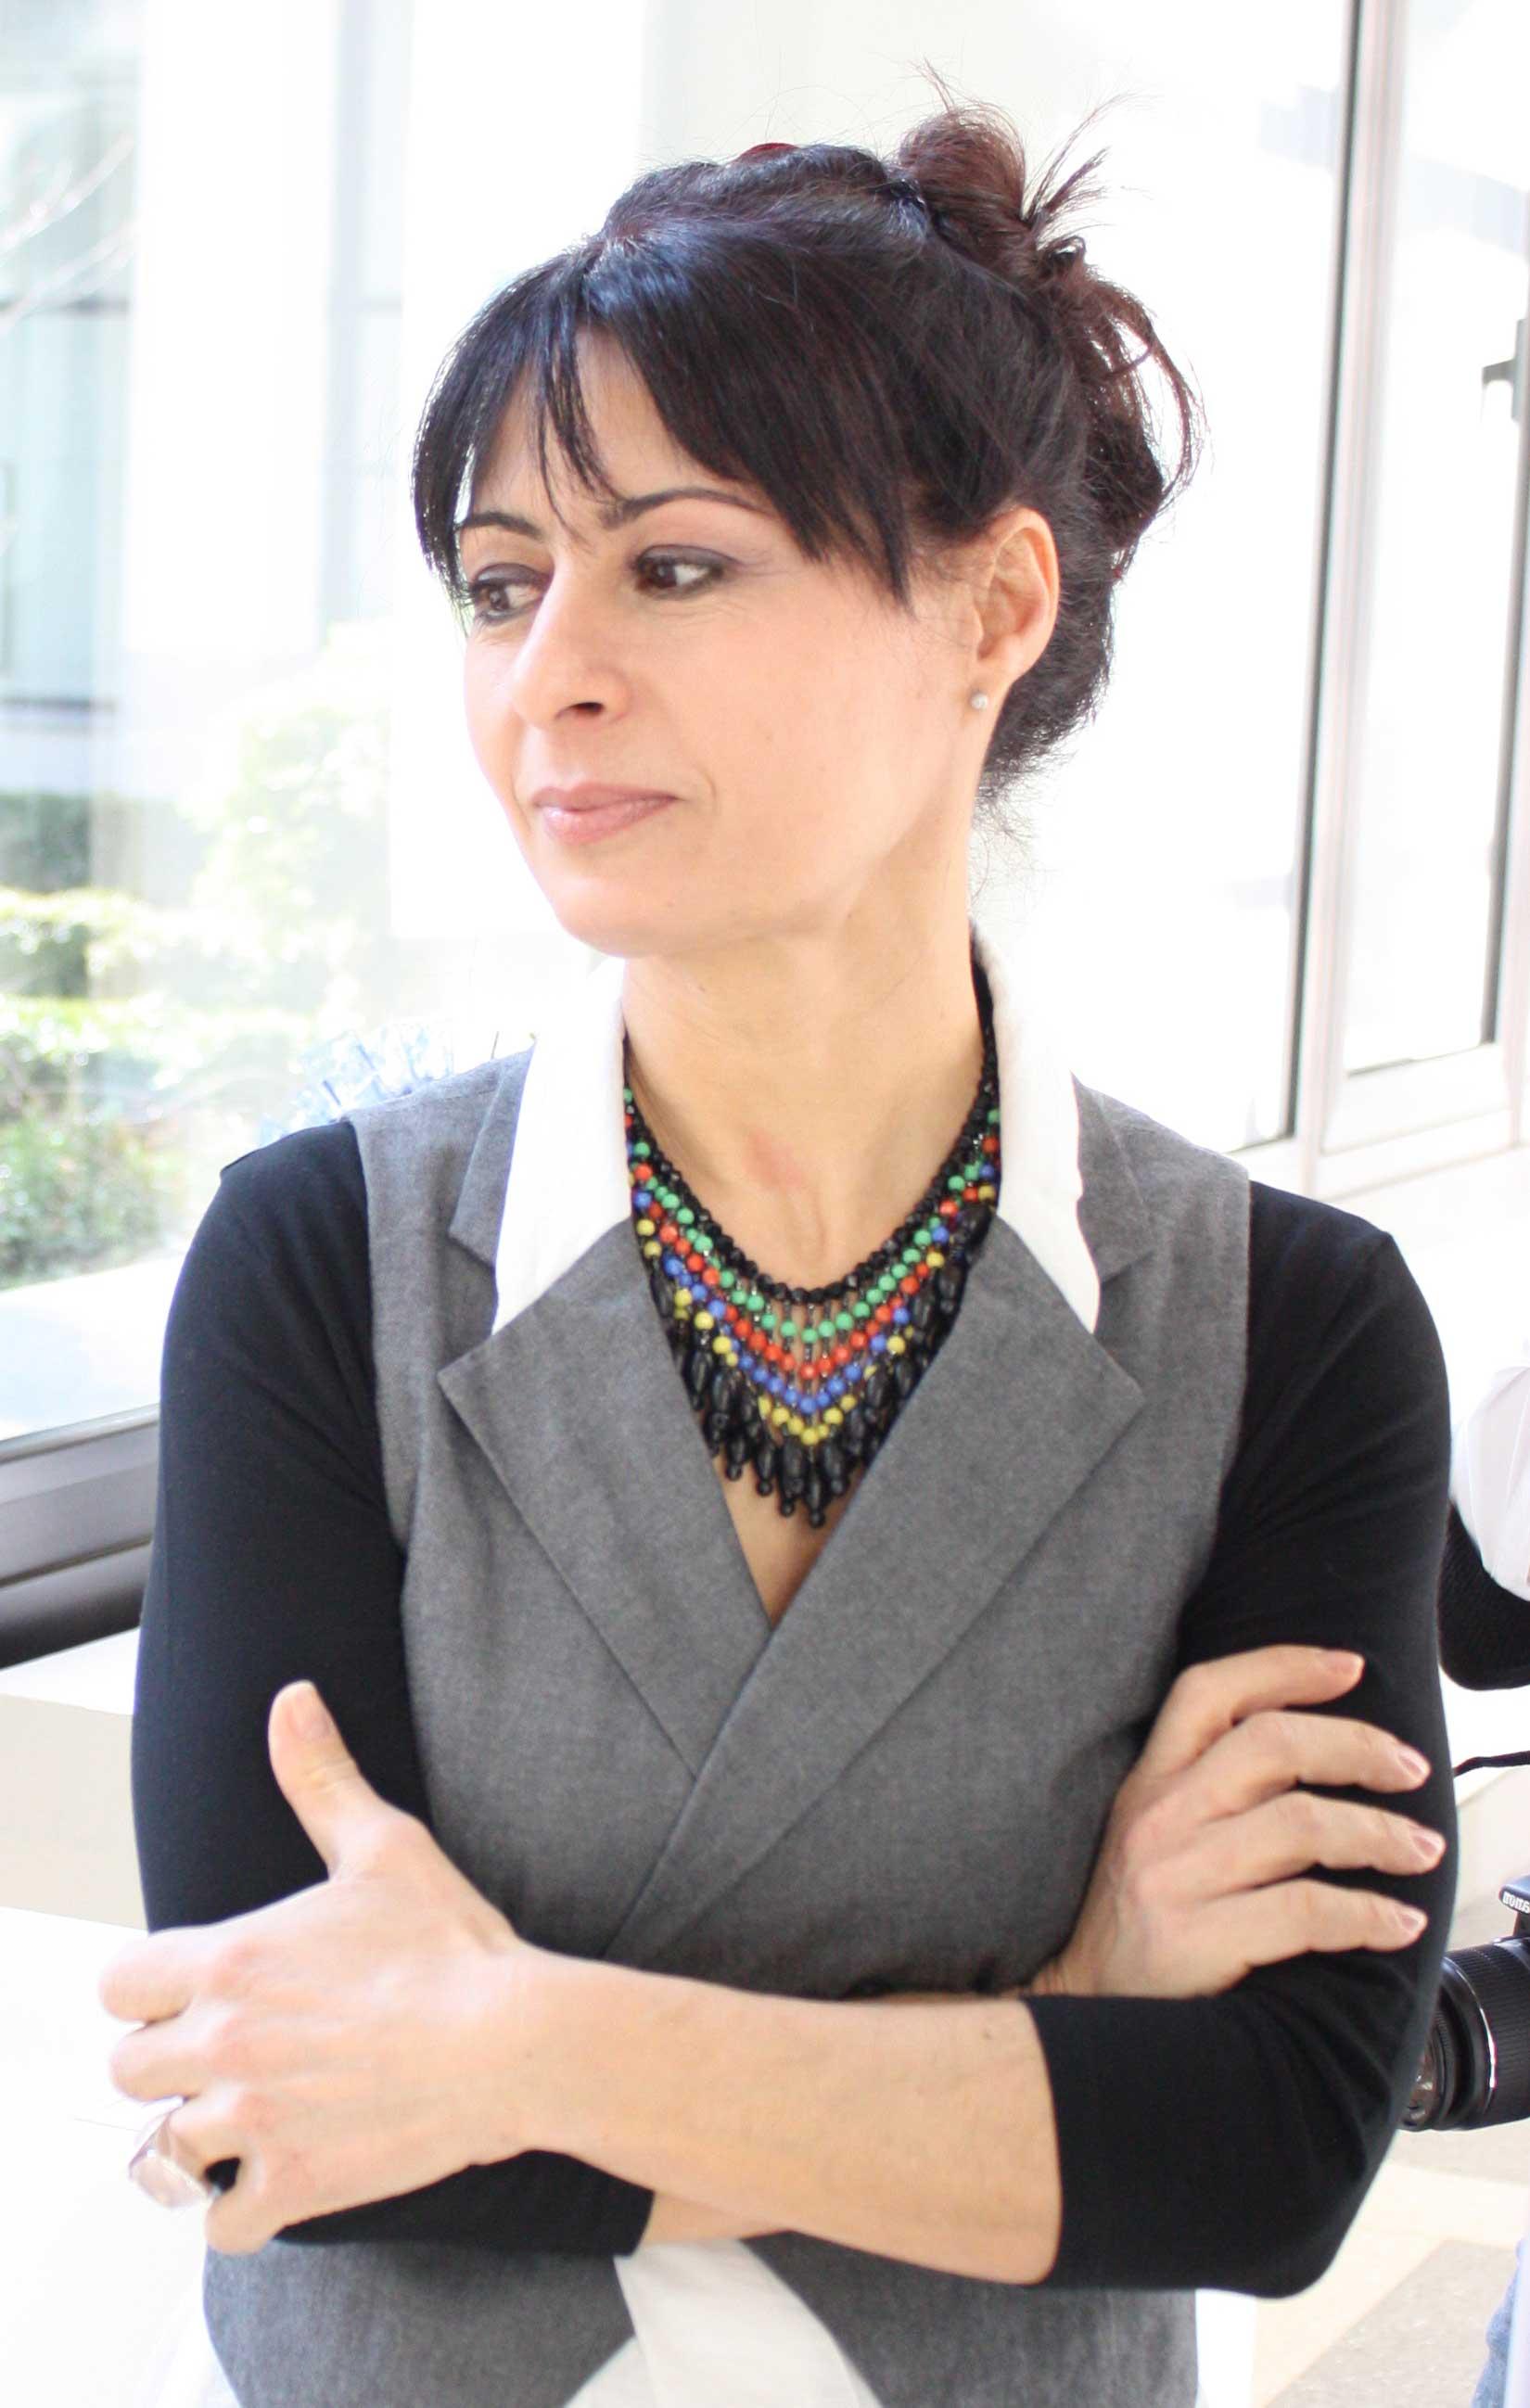 Francesca Romano è nata in Calabria ma ha studiato e lavorato a Milano. Ha iniziato la sua carriera come scenografa in tv negli anni 80.